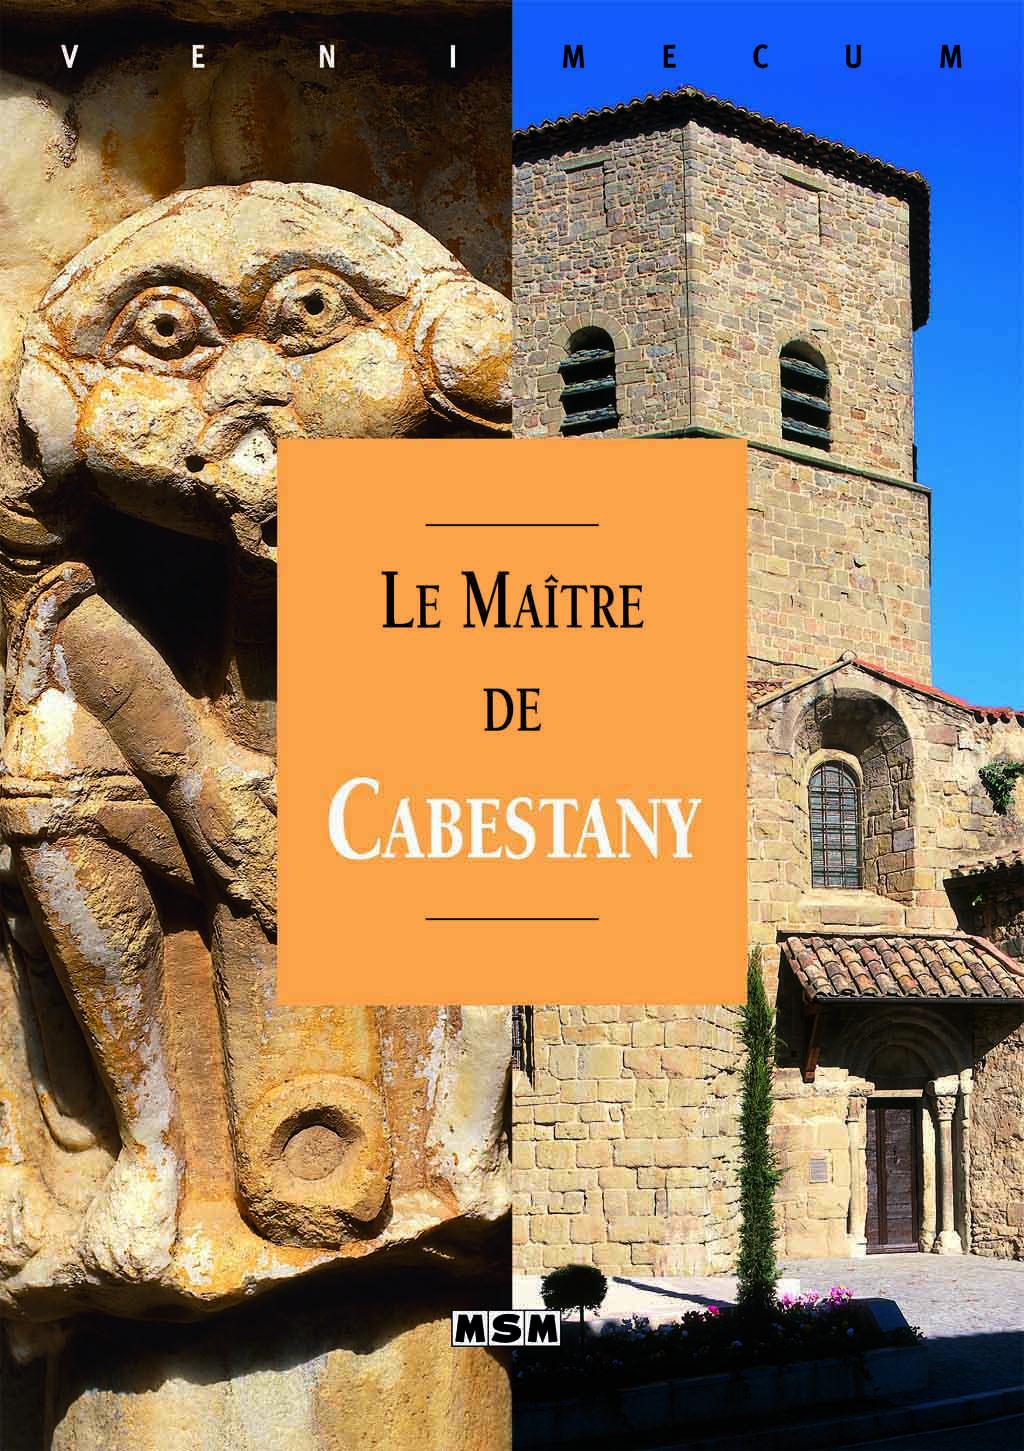 Le Maître de Cabestany